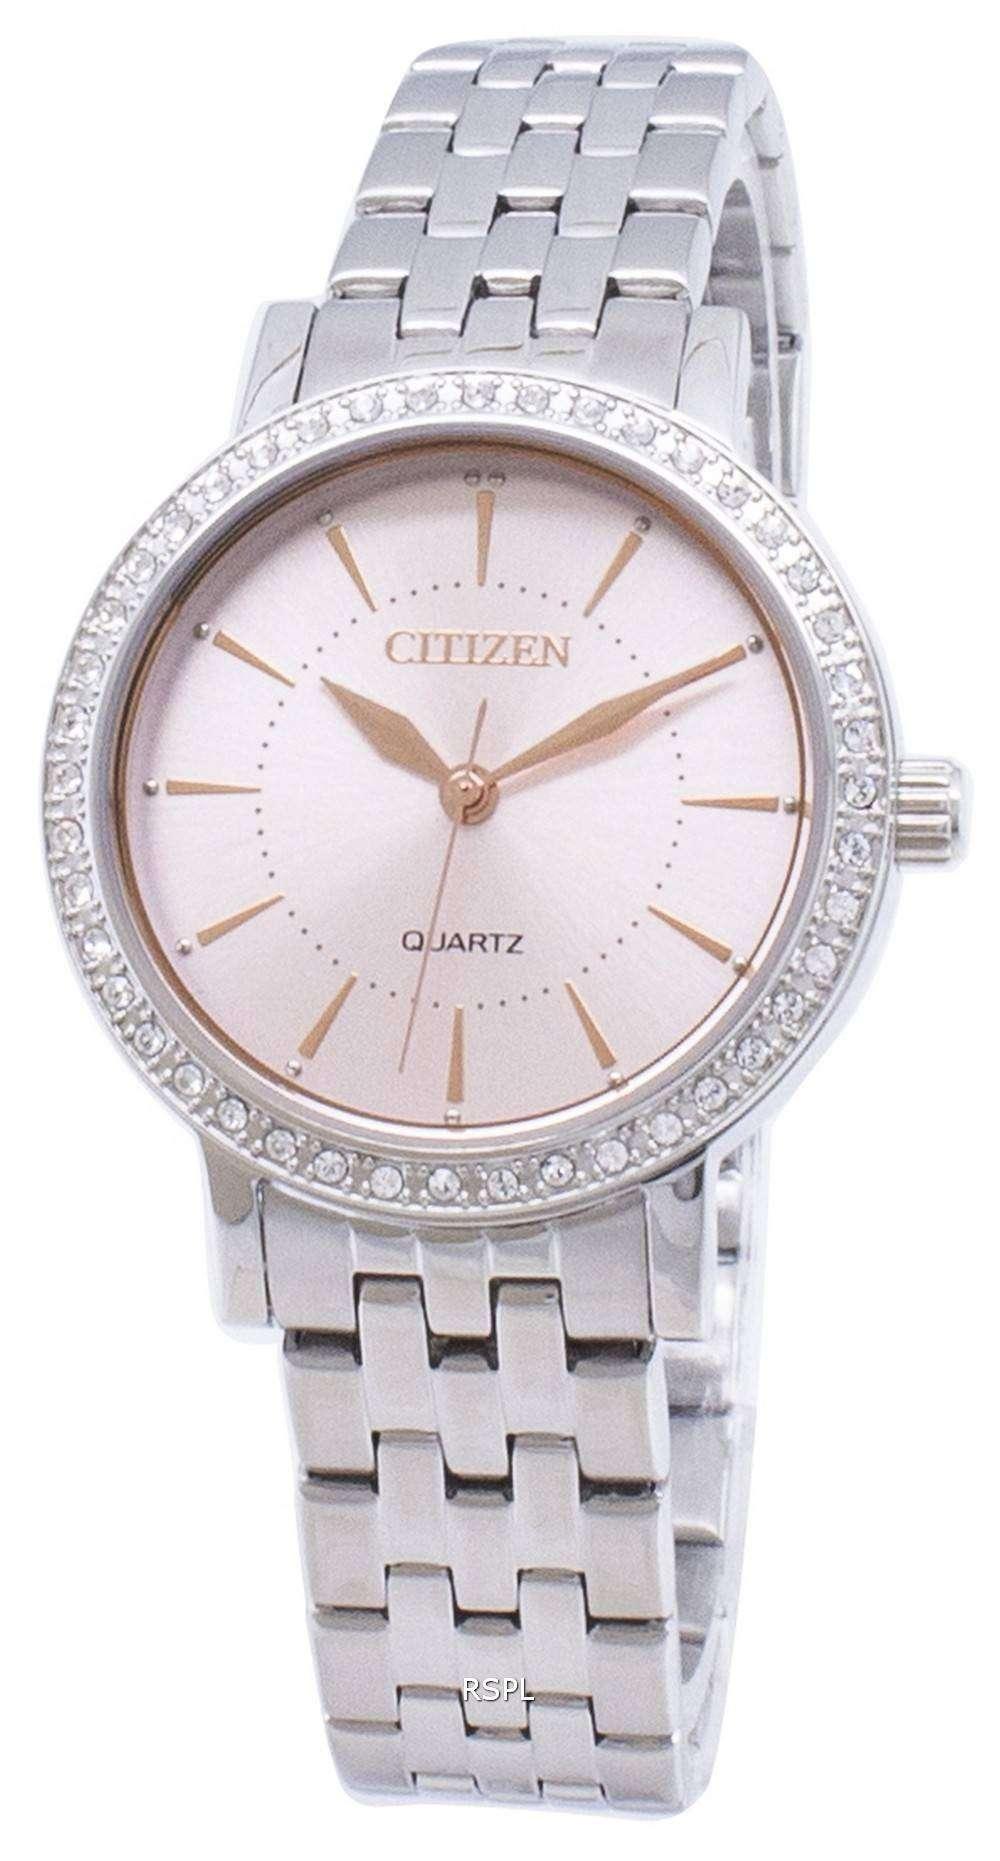 市民石英 EL3041 87 X アナログ ダイヤモンド アクセント レディース腕時計